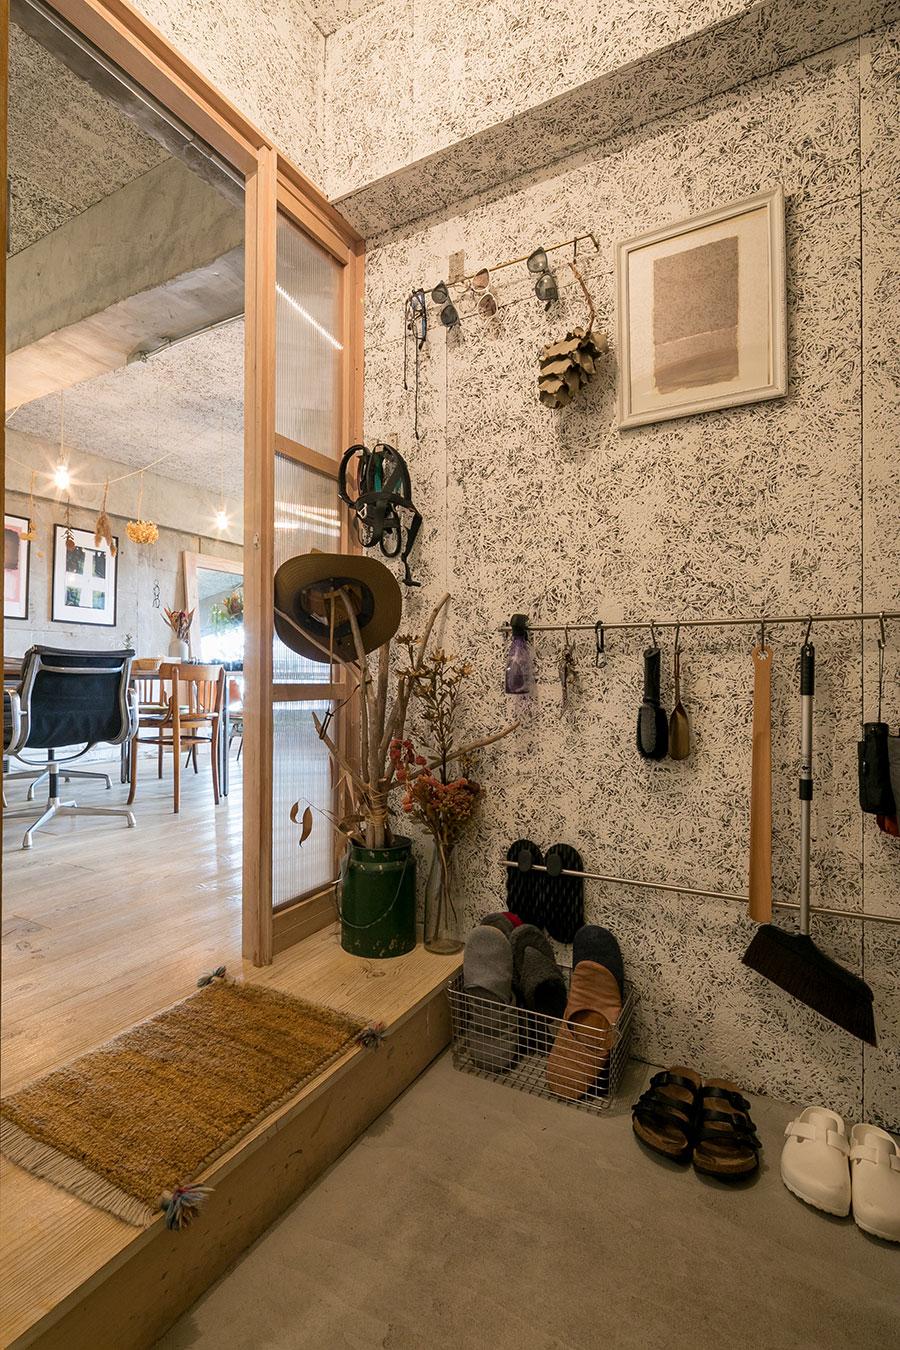 玄関の壁に木毛セメント板を後から貼った。「玄関内で外の音が乱反射するのが気になったので、吸音効果のある木毛セメントを貼ることにしました」